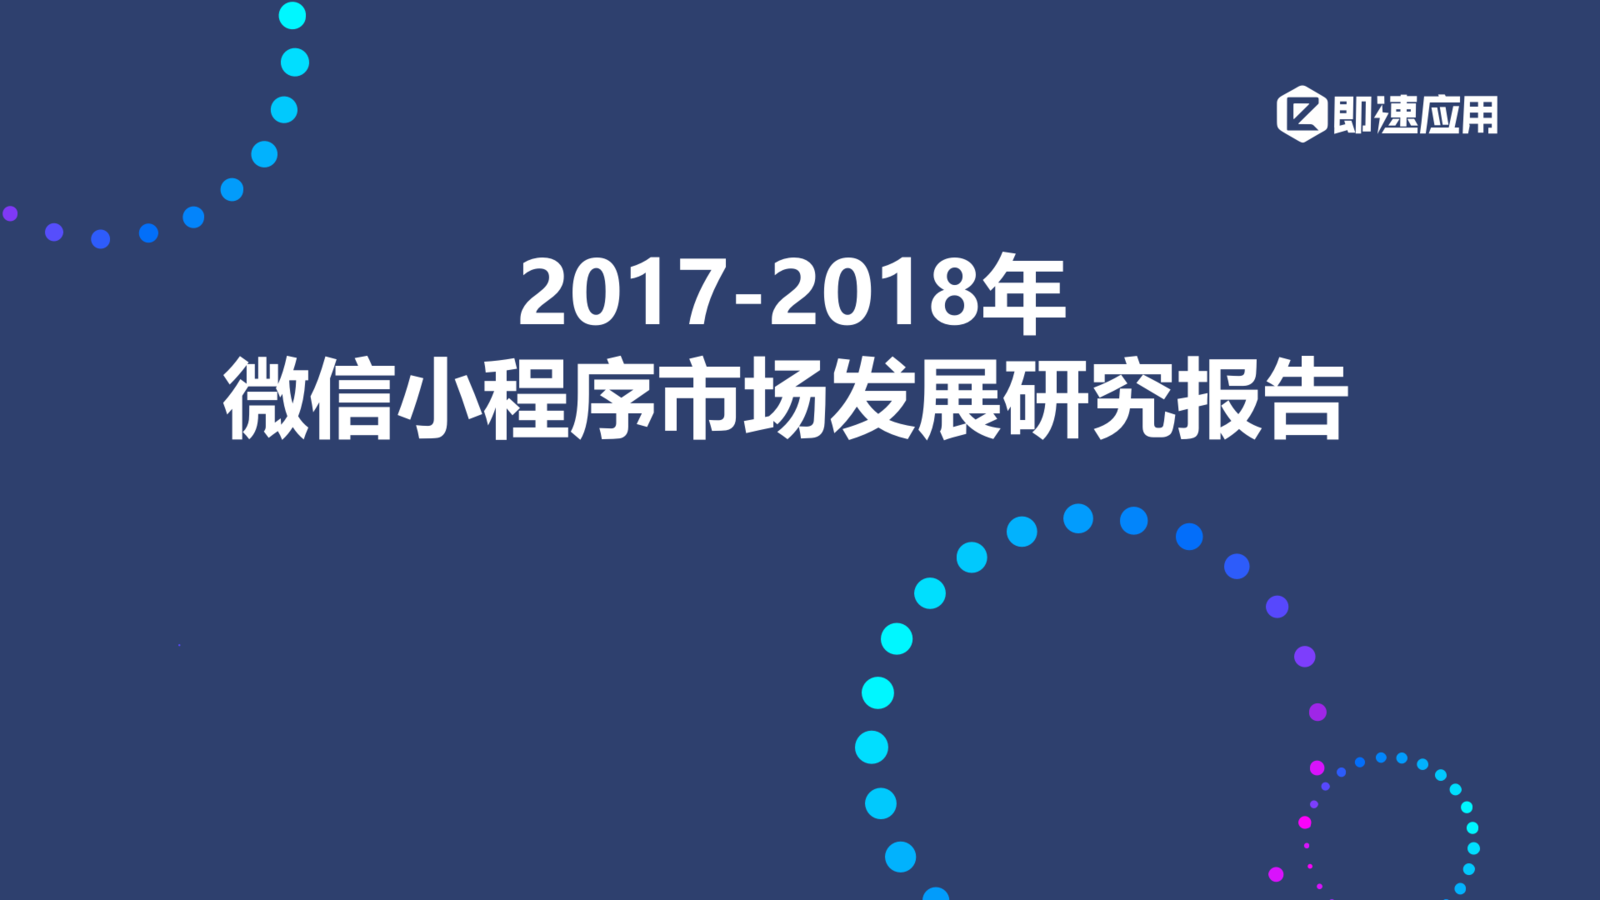 重磅!2018微信小程序数据报告发布:一年狂揽4亿用户